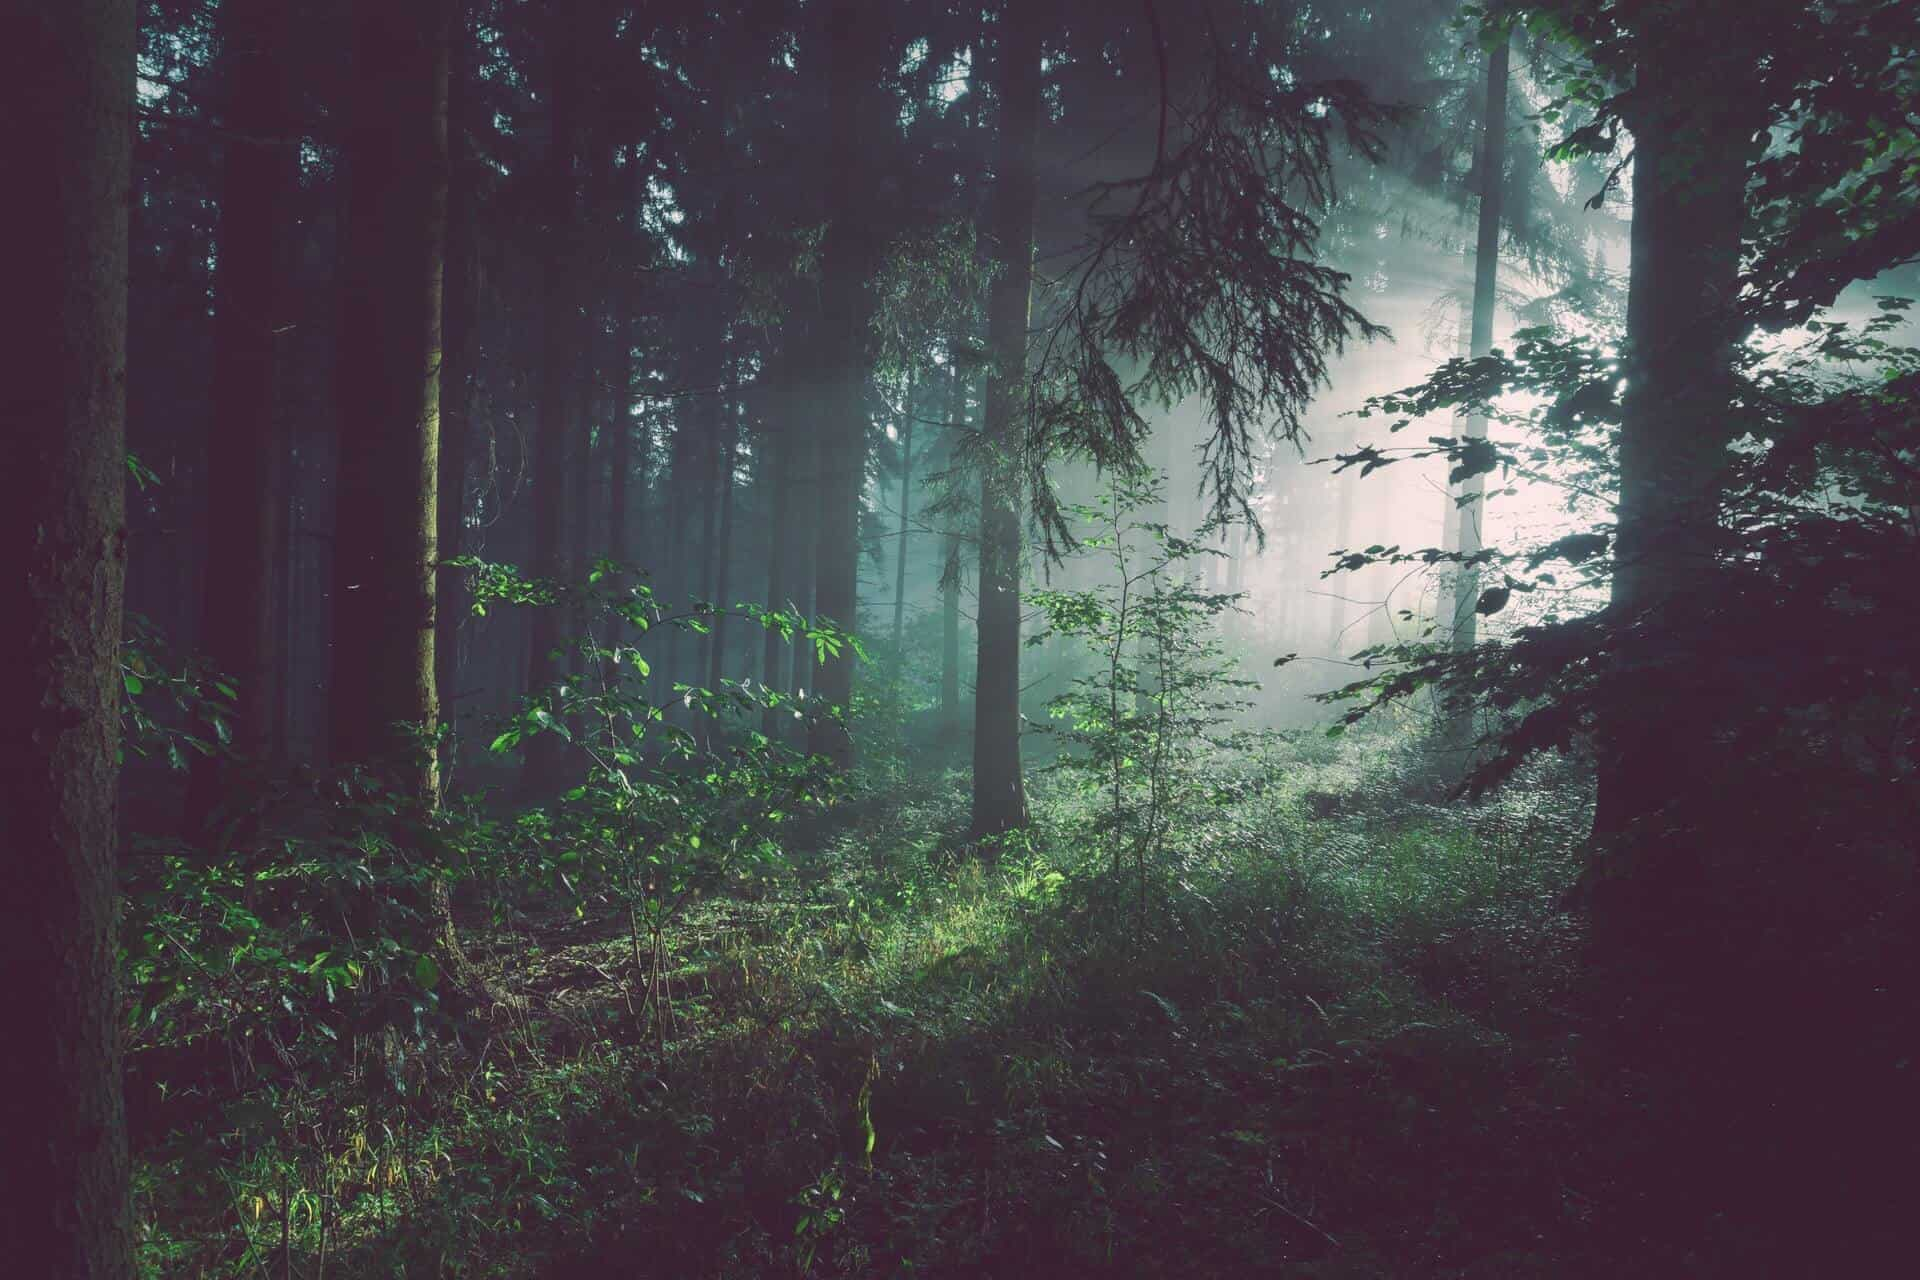 Bosques tenebrosos